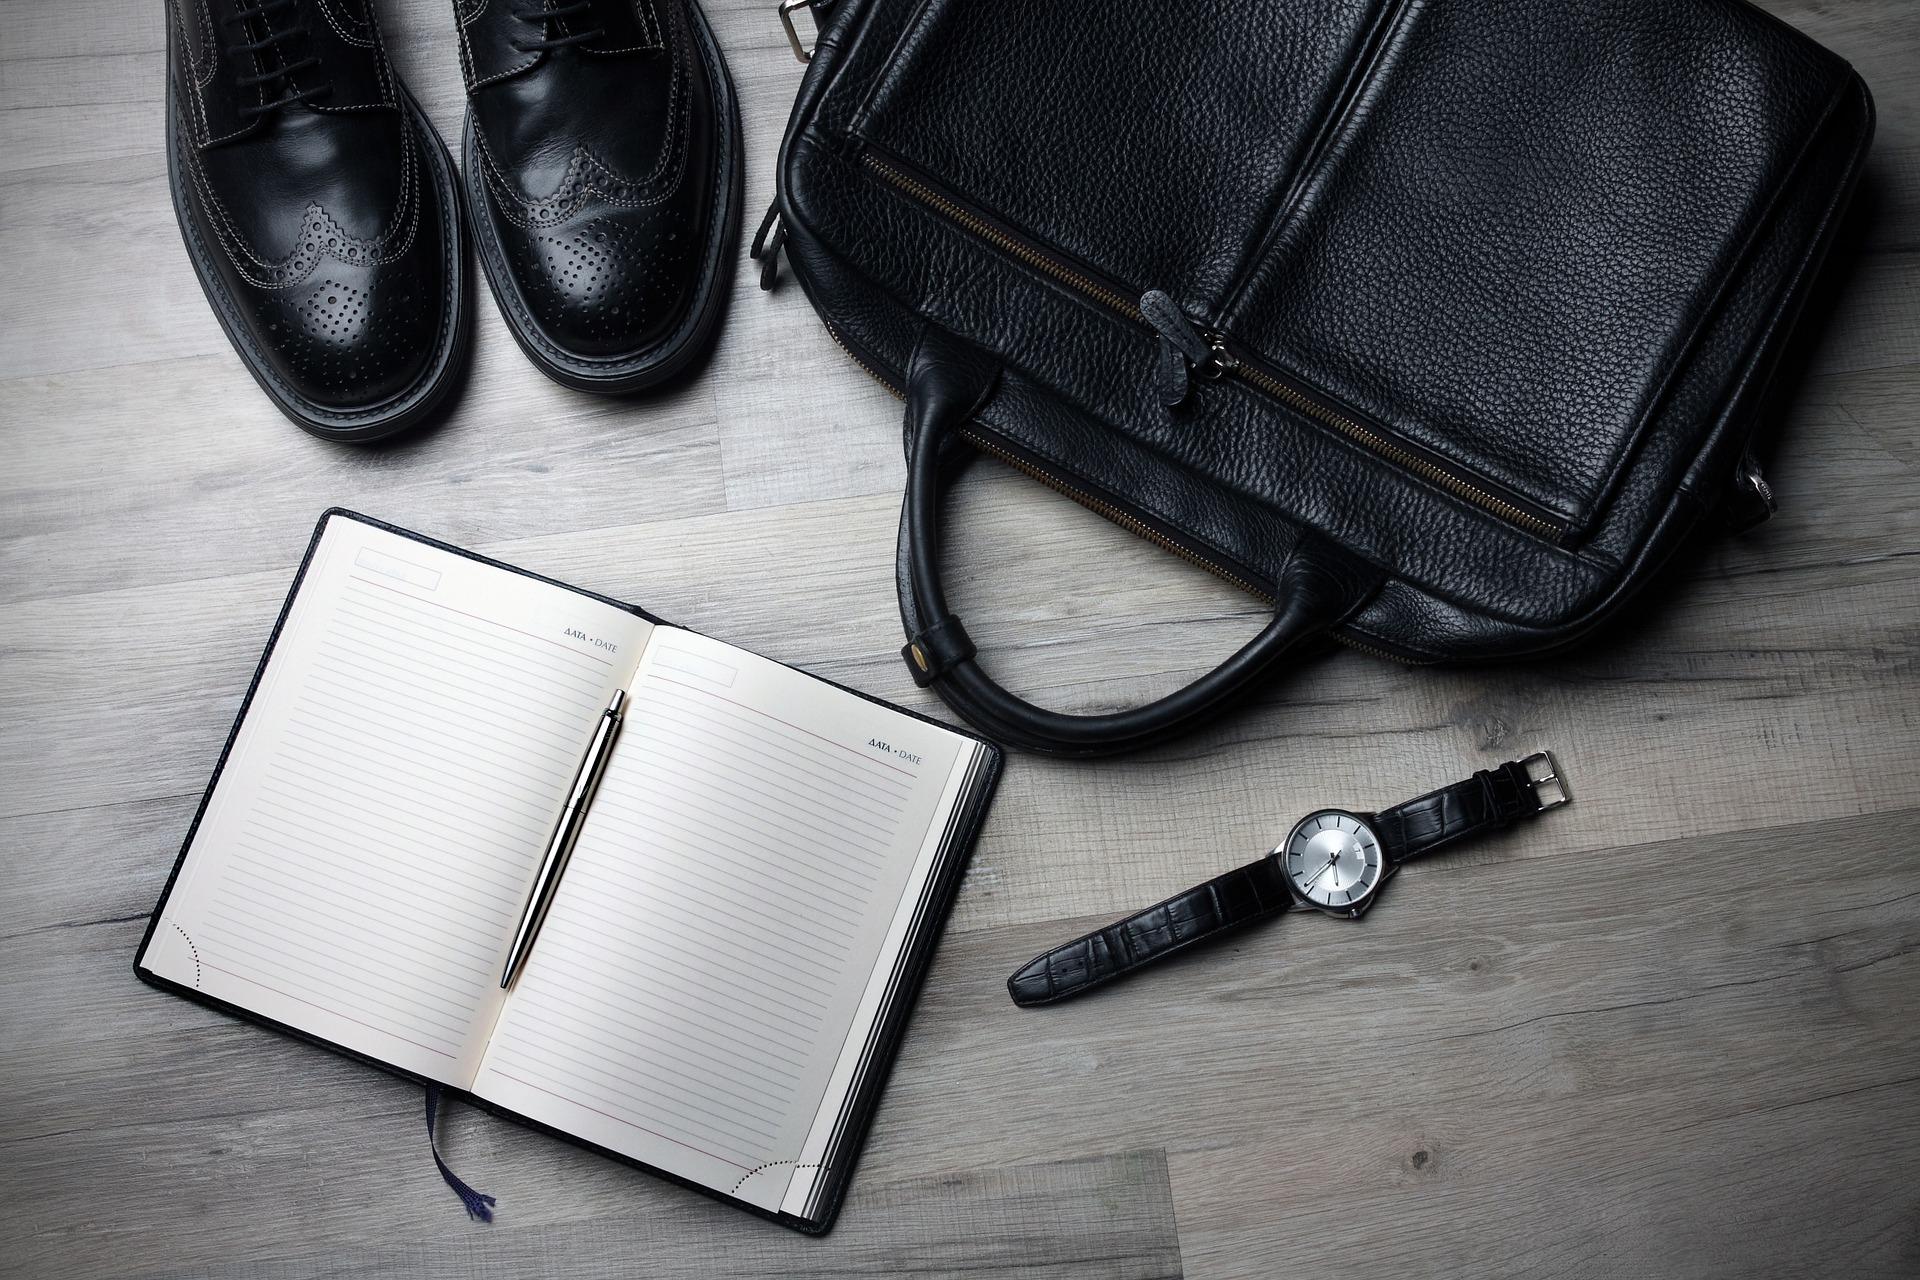 ビジネスマンに必要なシューズやバッグなどが並べられている